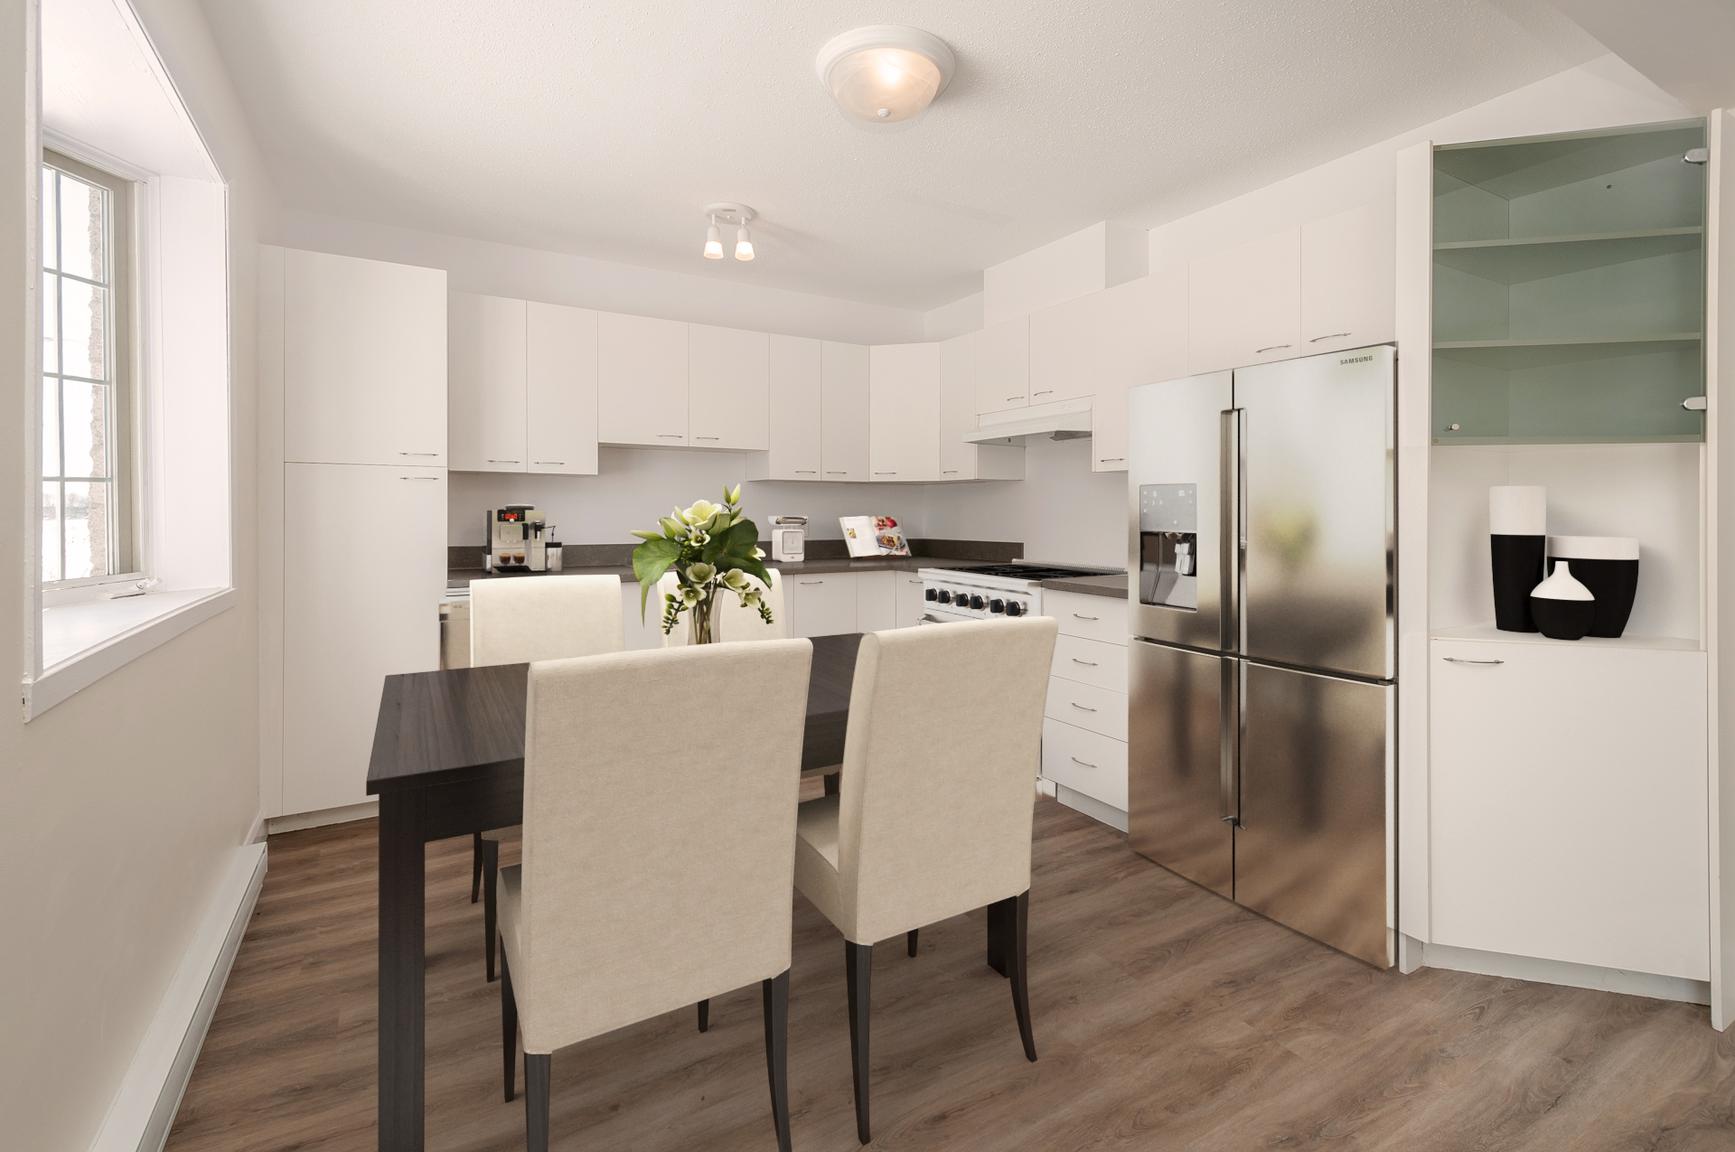 2 bedroom Apartments for rent in Quebec City at Les Appartements du Verdier - Photo 21 - RentersPages – L407124